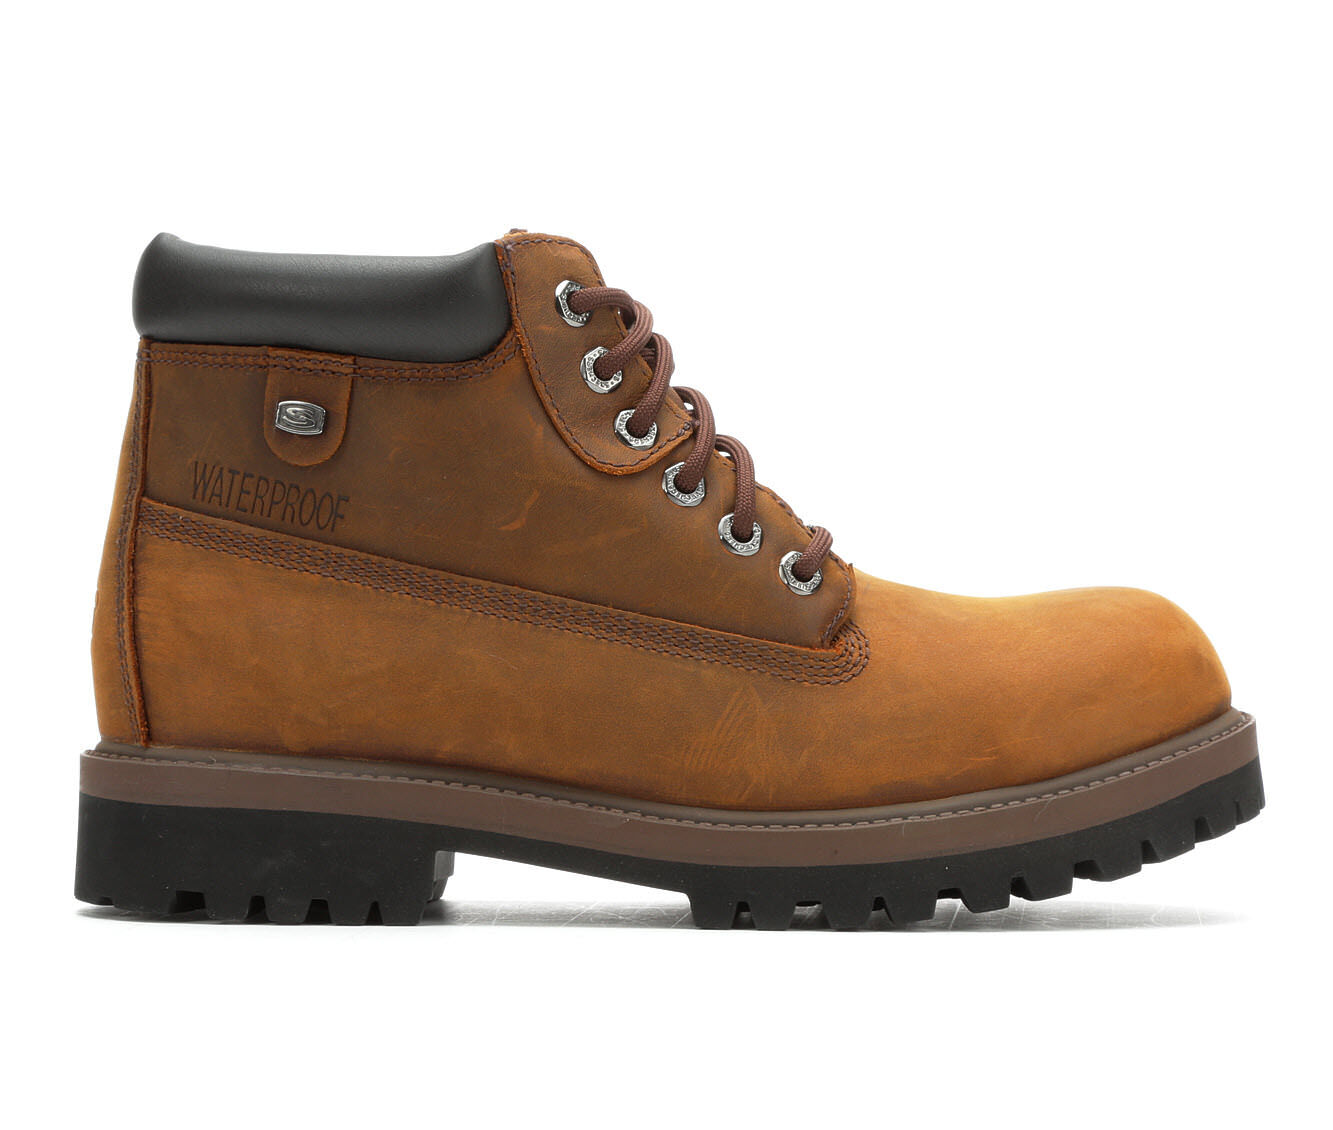 Men's Skechers Verdict Waterproof 4442 Hiking Boots